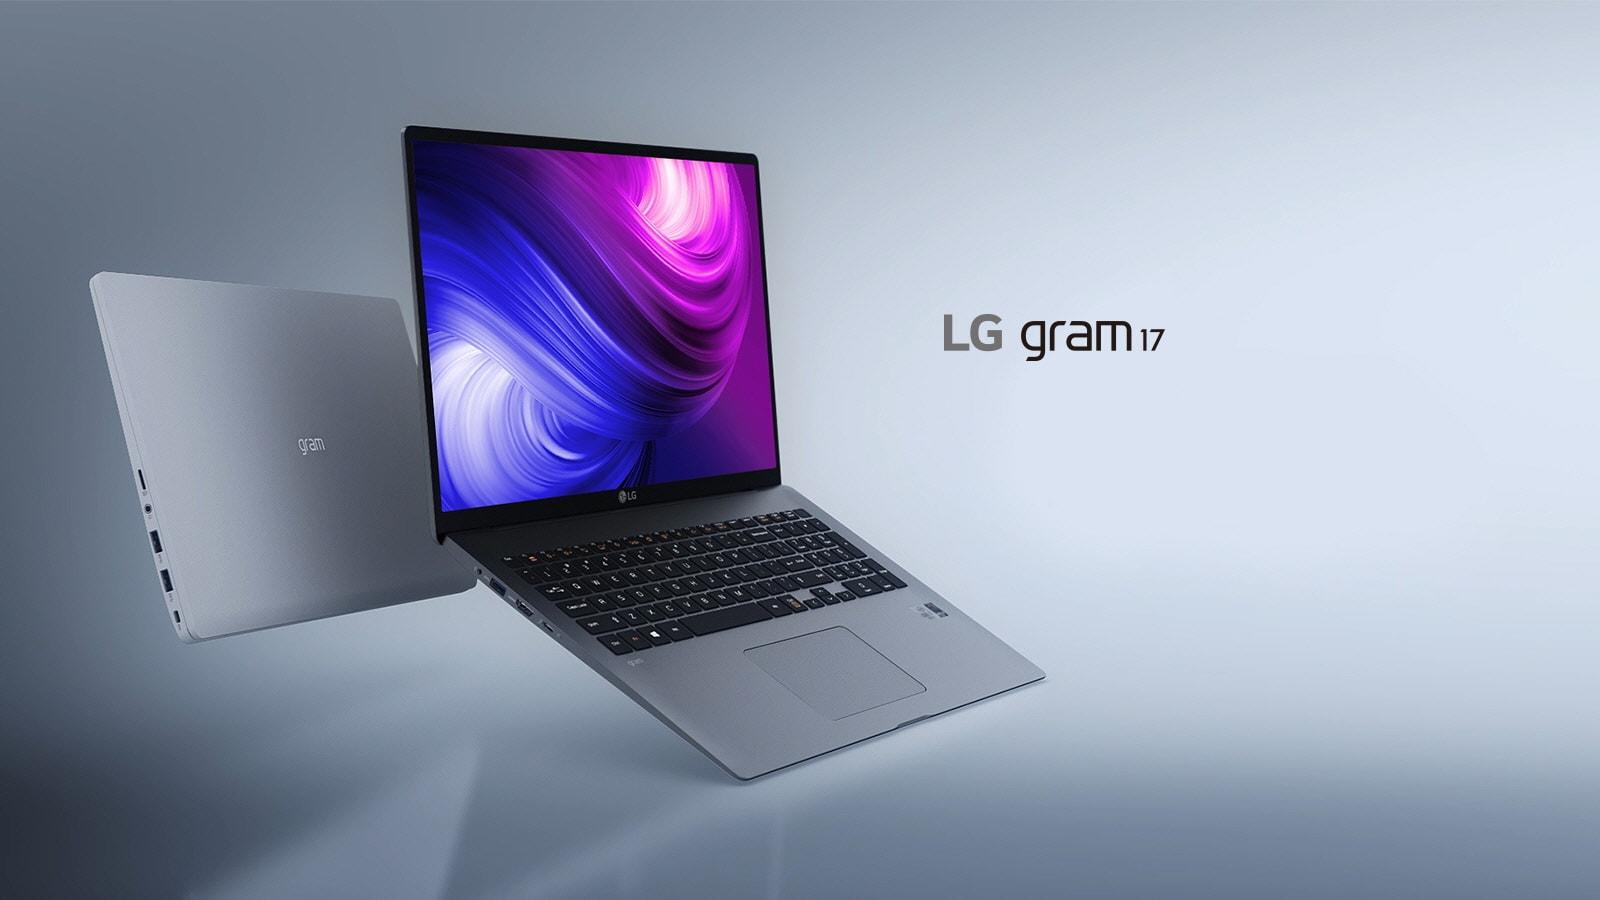 Đi mọi nơi, Làm mọi việc. LG gram 17